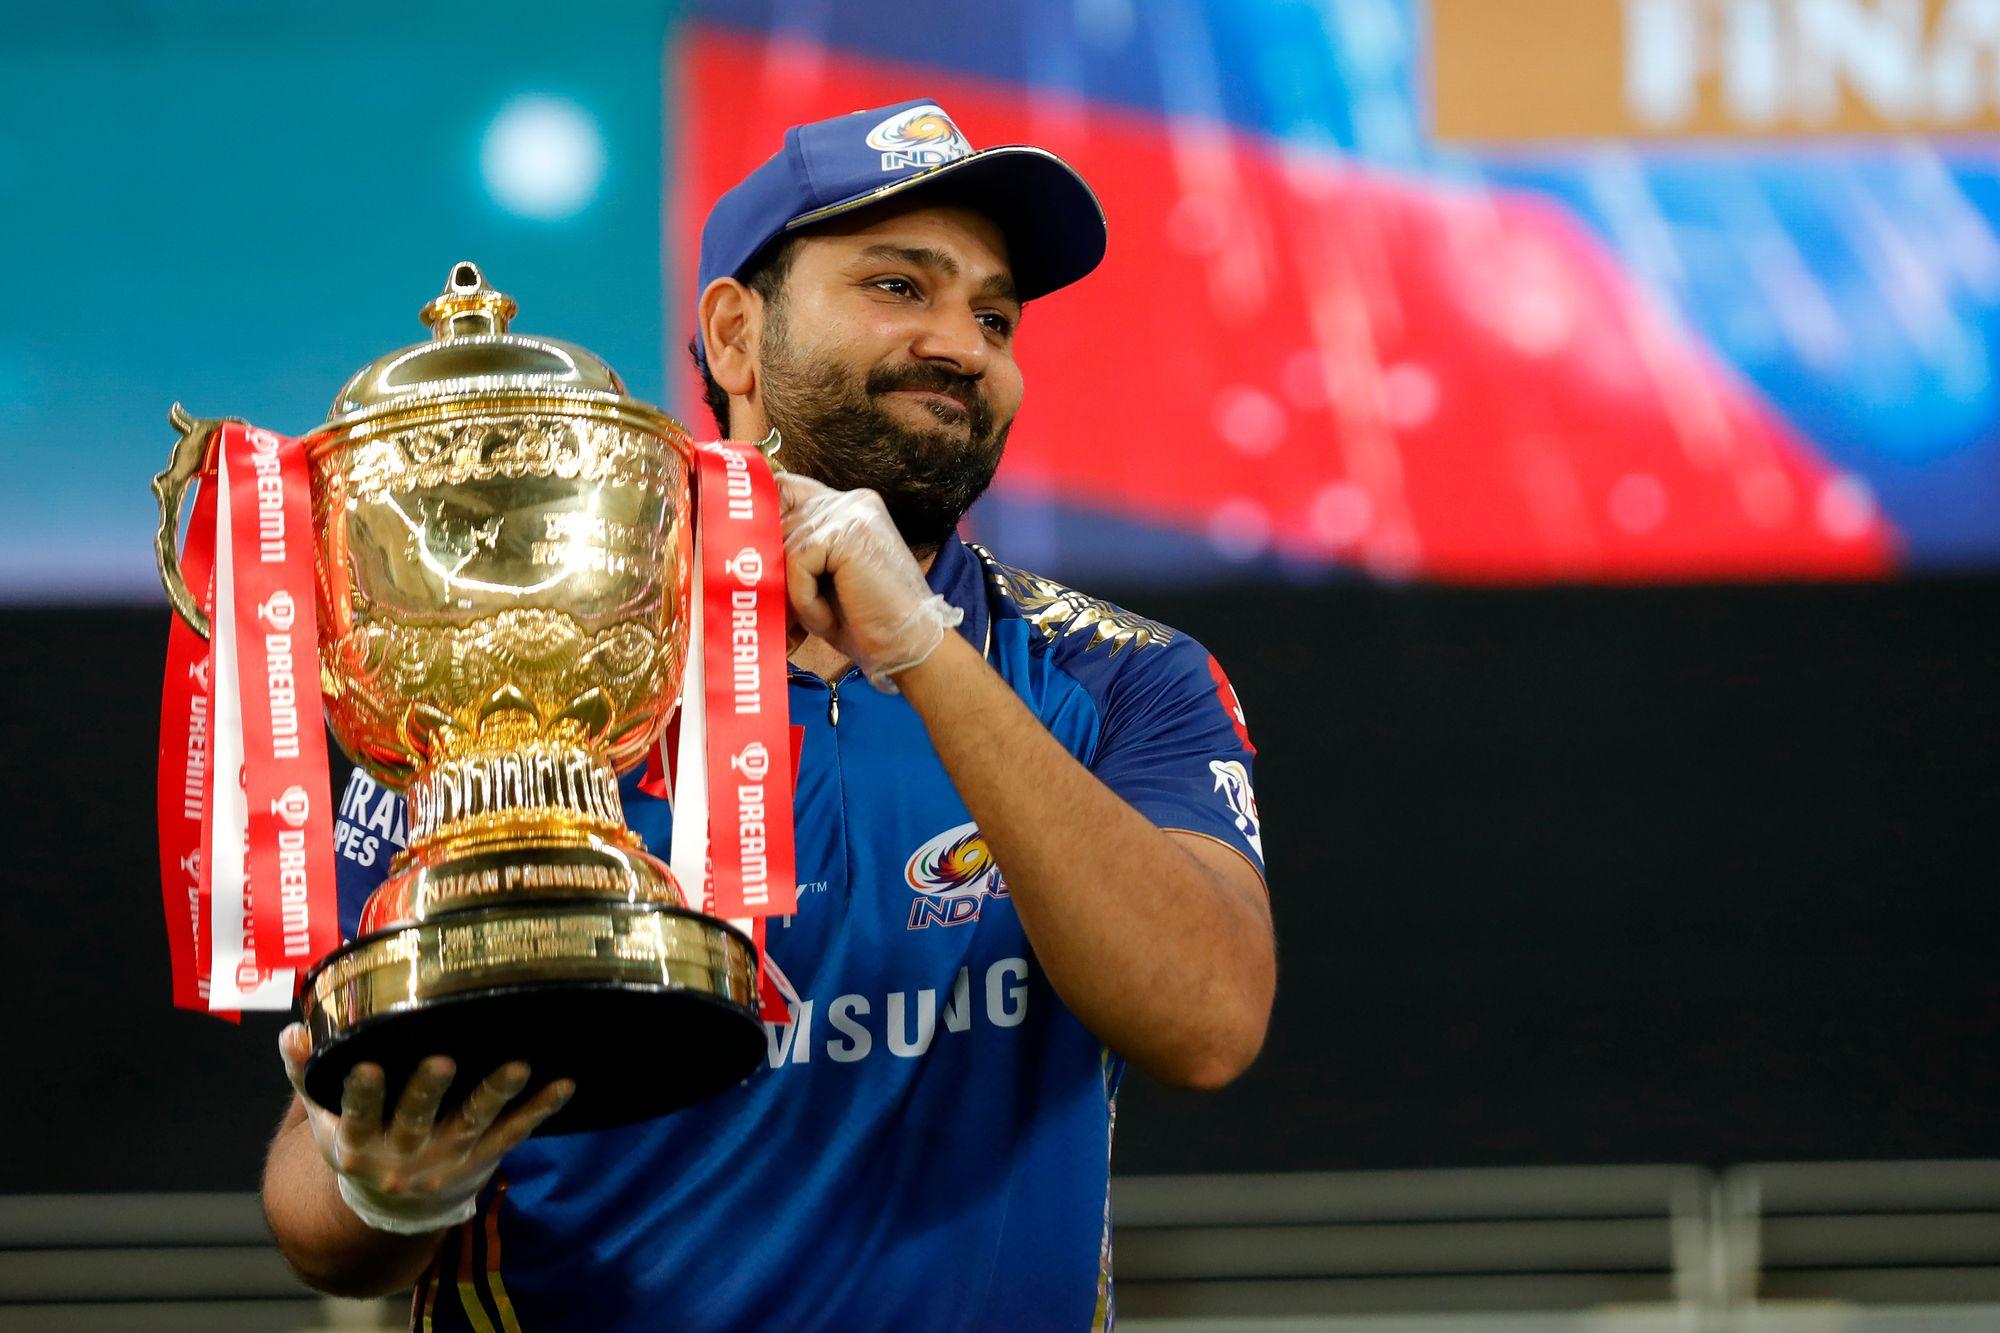 Rohit Sharma lifts his fifth IPL trophy for MI | BCCI/IPL